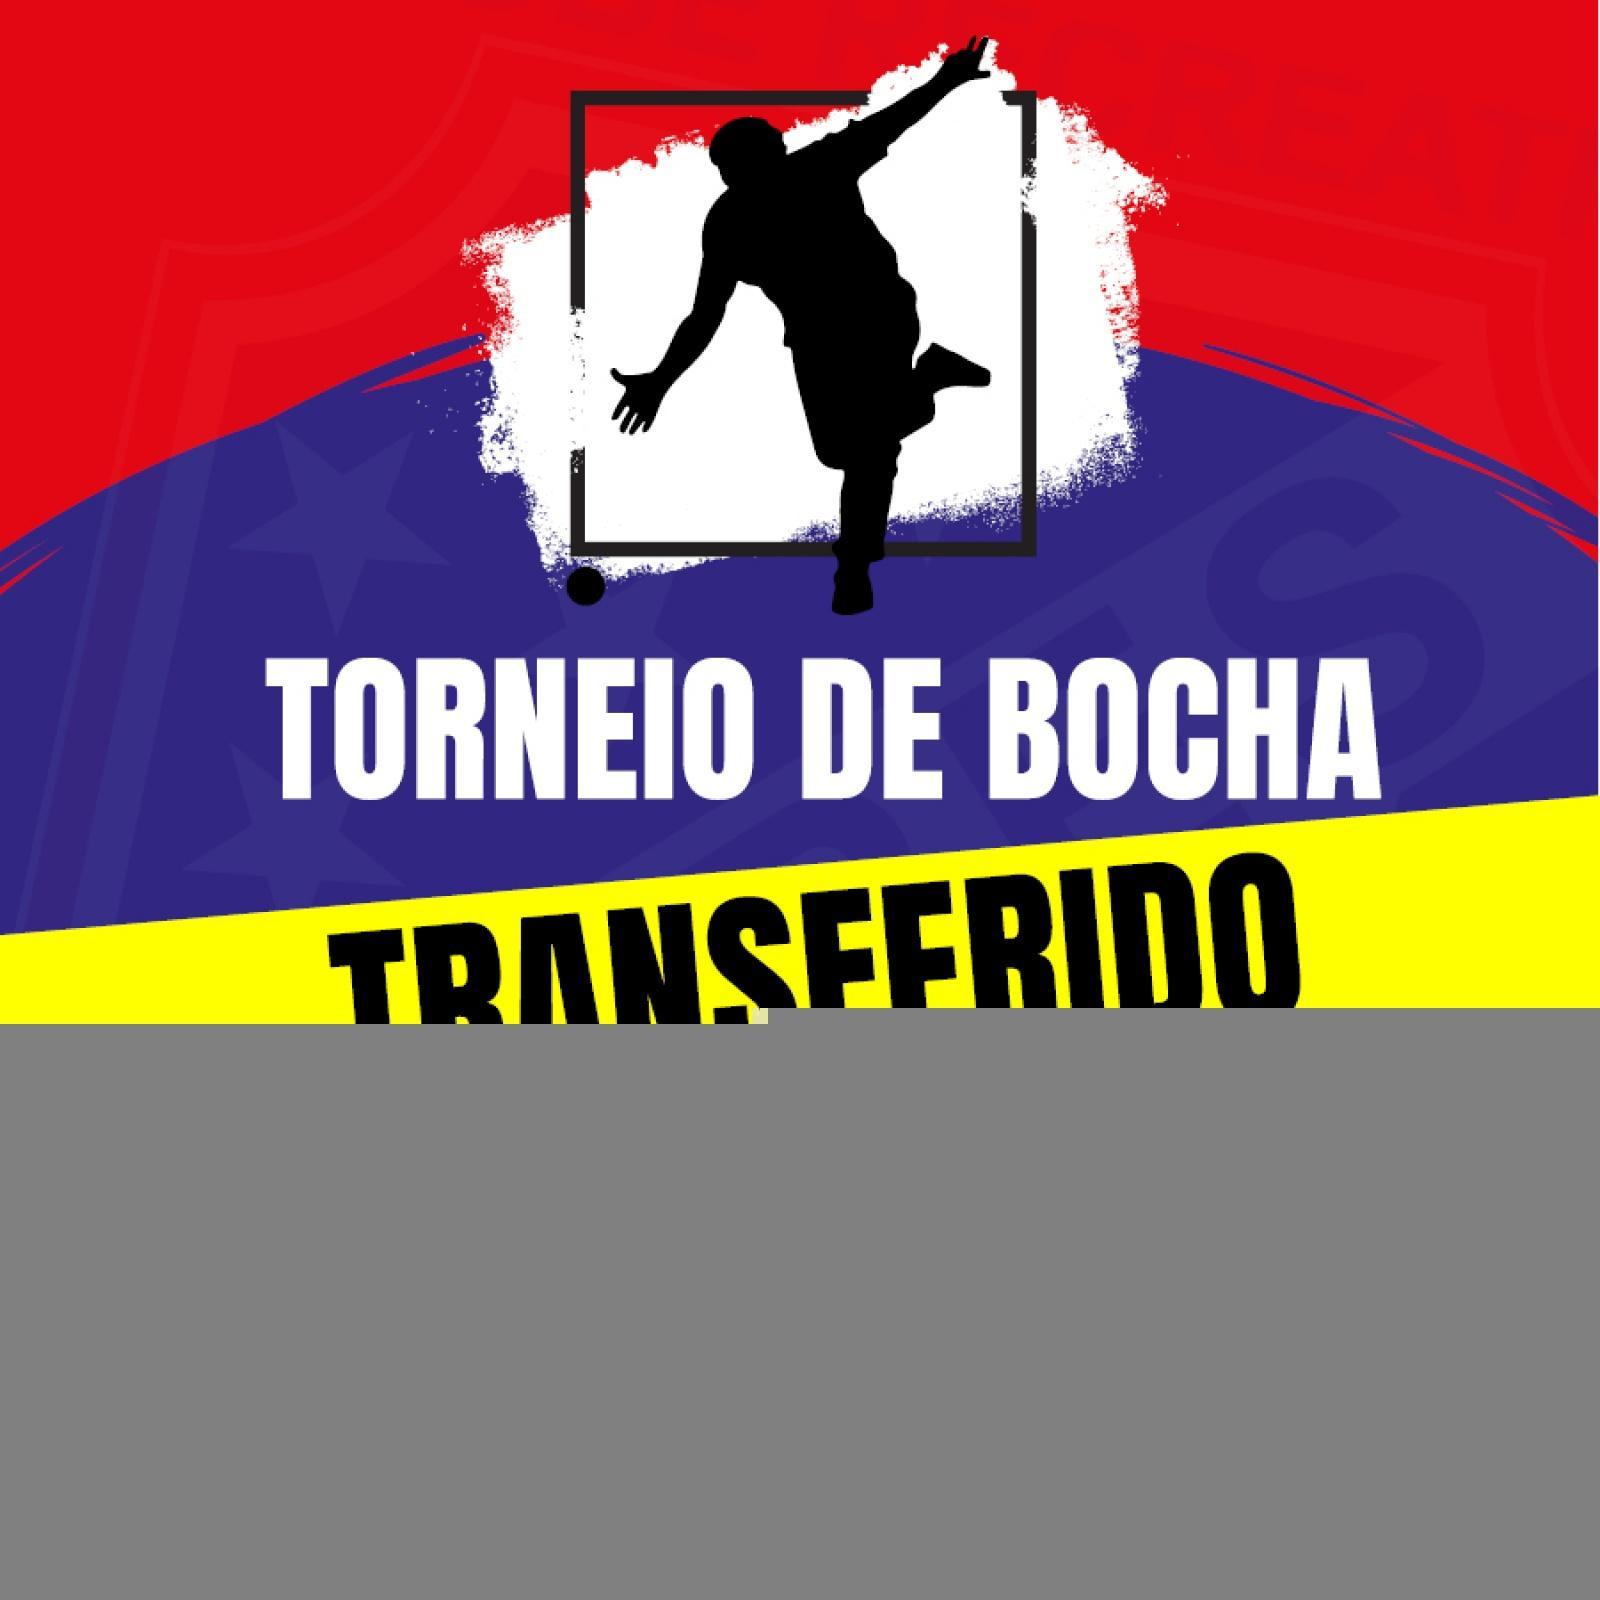 Torneio de Bocha transferido